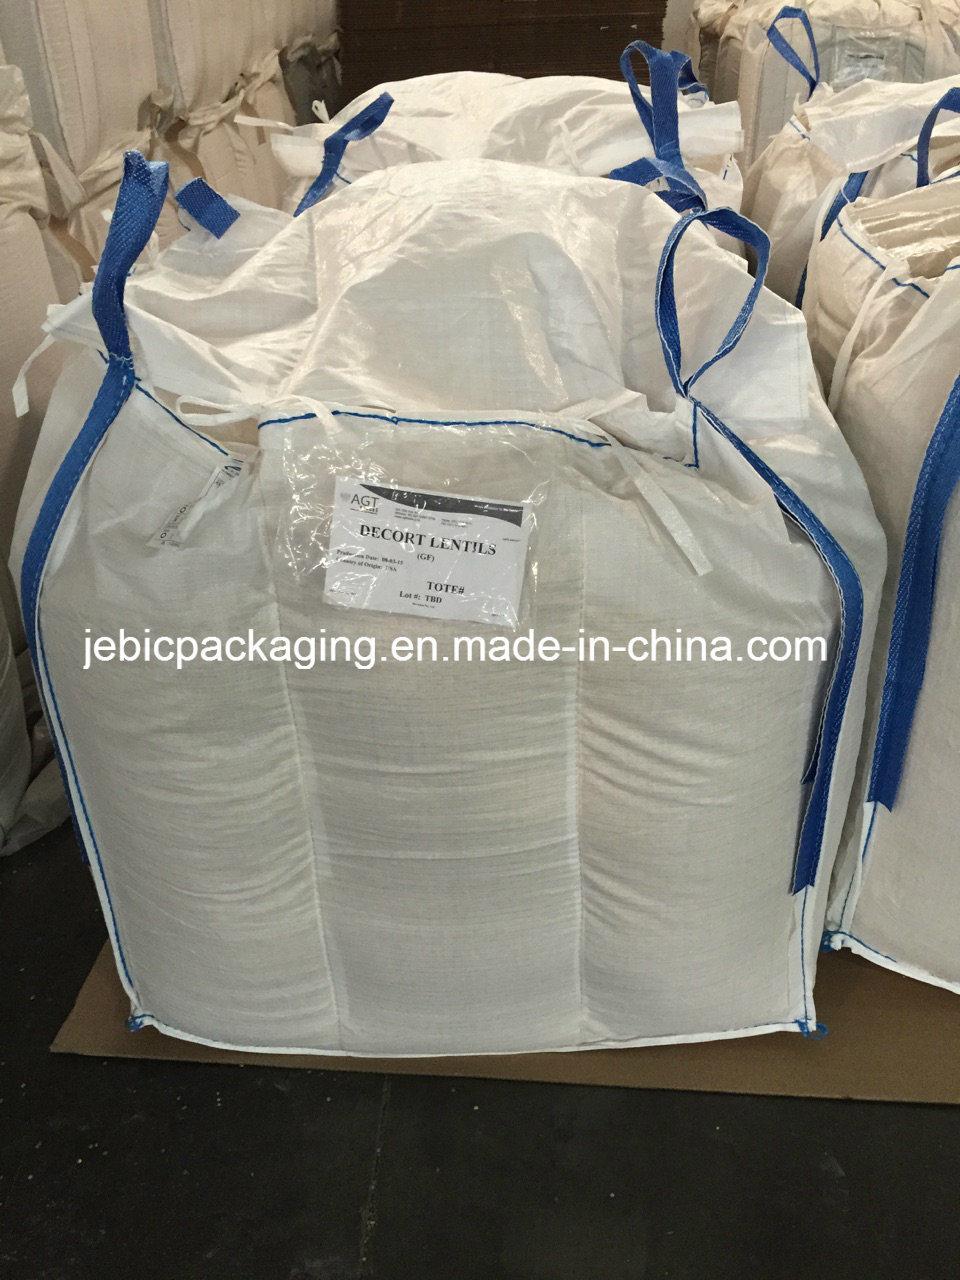 U-Panel FIBC Big Bag for Food Grade Product